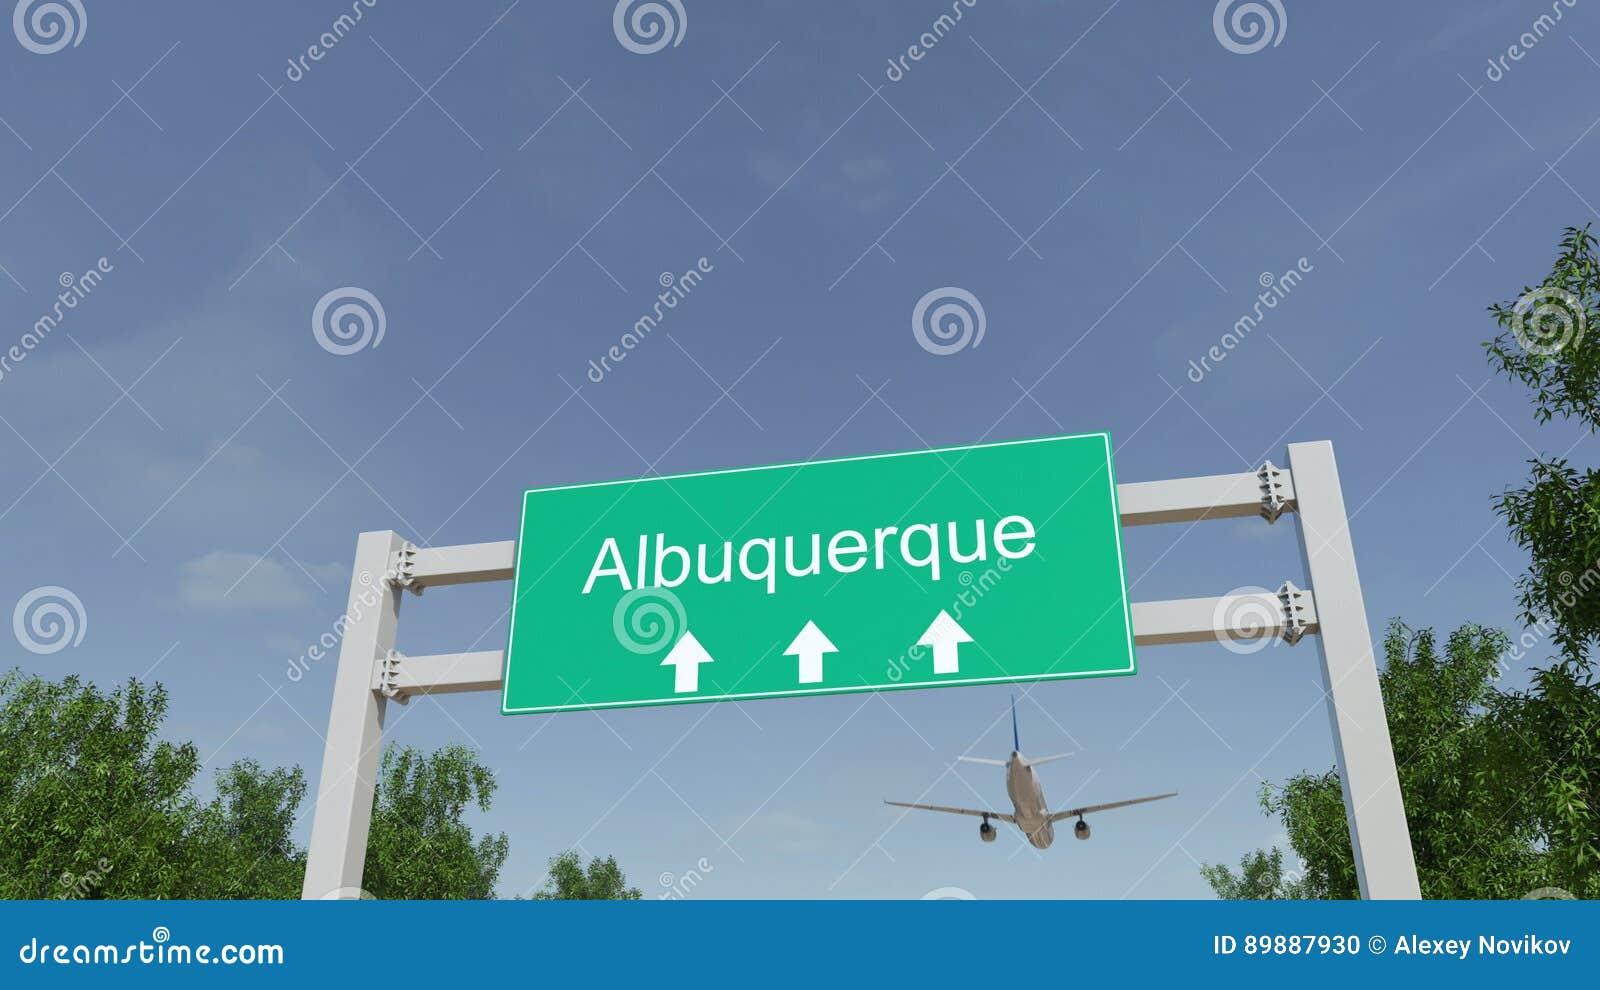 Aeroplano que llega al aeropuerto de Albuquerque El viajar a la representación conceptual 3D de Estados Unidos